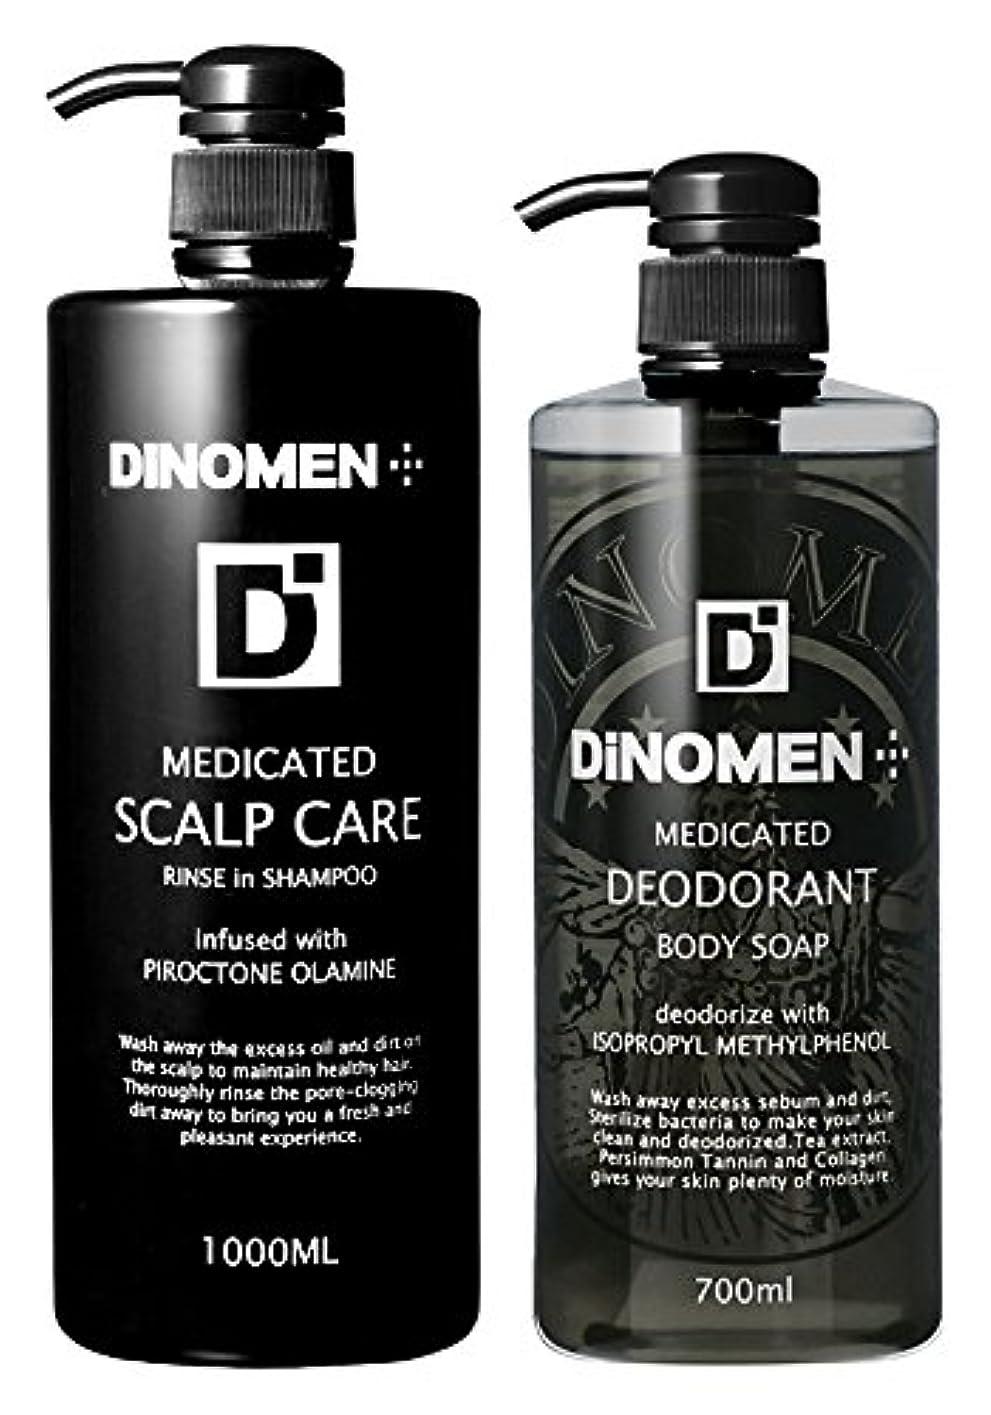 苛性ルート脅威DiNOMEN 薬用スカルプケアリンスインシャンプー1000ml & 薬用デオドラントボディソープセット